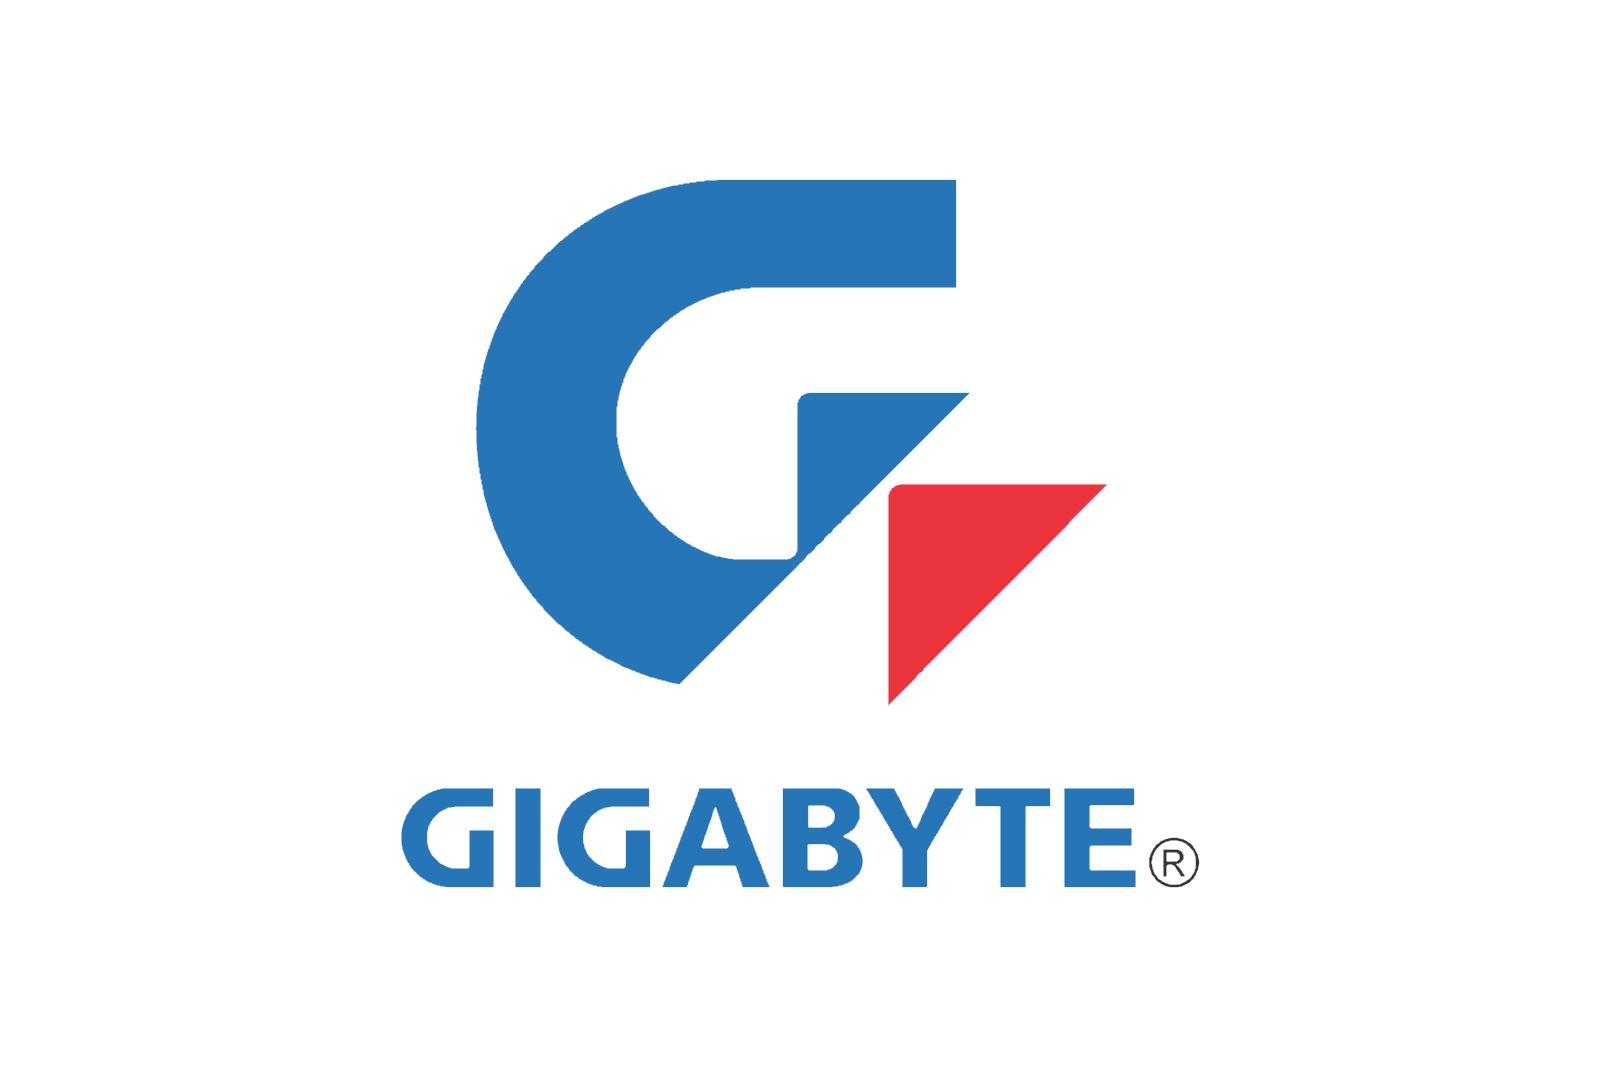 Gigabyte | PC Building Simulator Wiki | FANDOM powered by Wikia